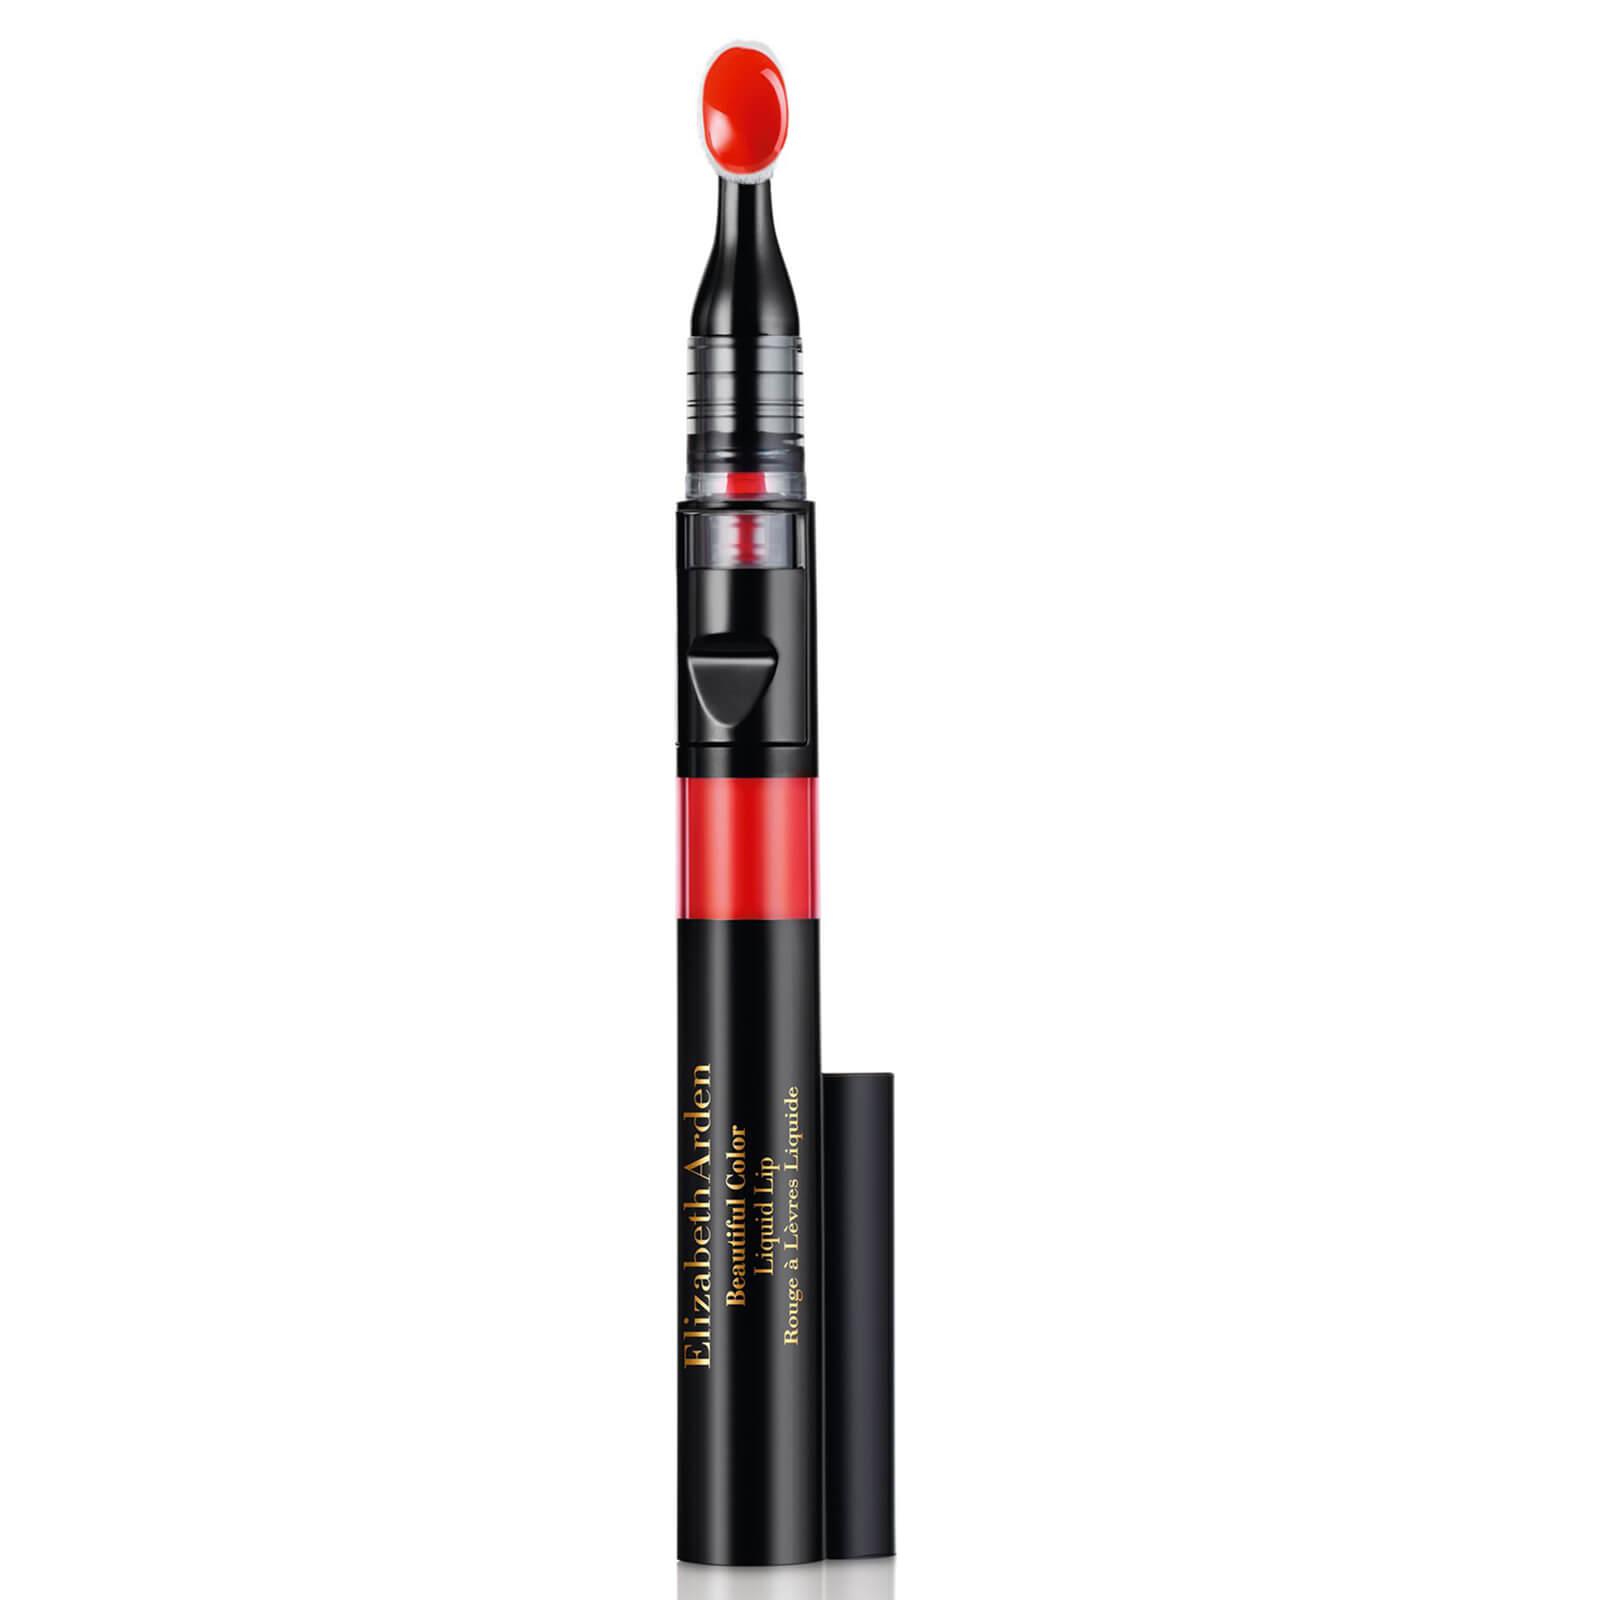 Купить Жидкая губная помада Elizabeth Arden Beautiful Colour Liquid Lipstick - Lacquer Finish 2, 4 мл (различные оттенки) - Coral Infusion